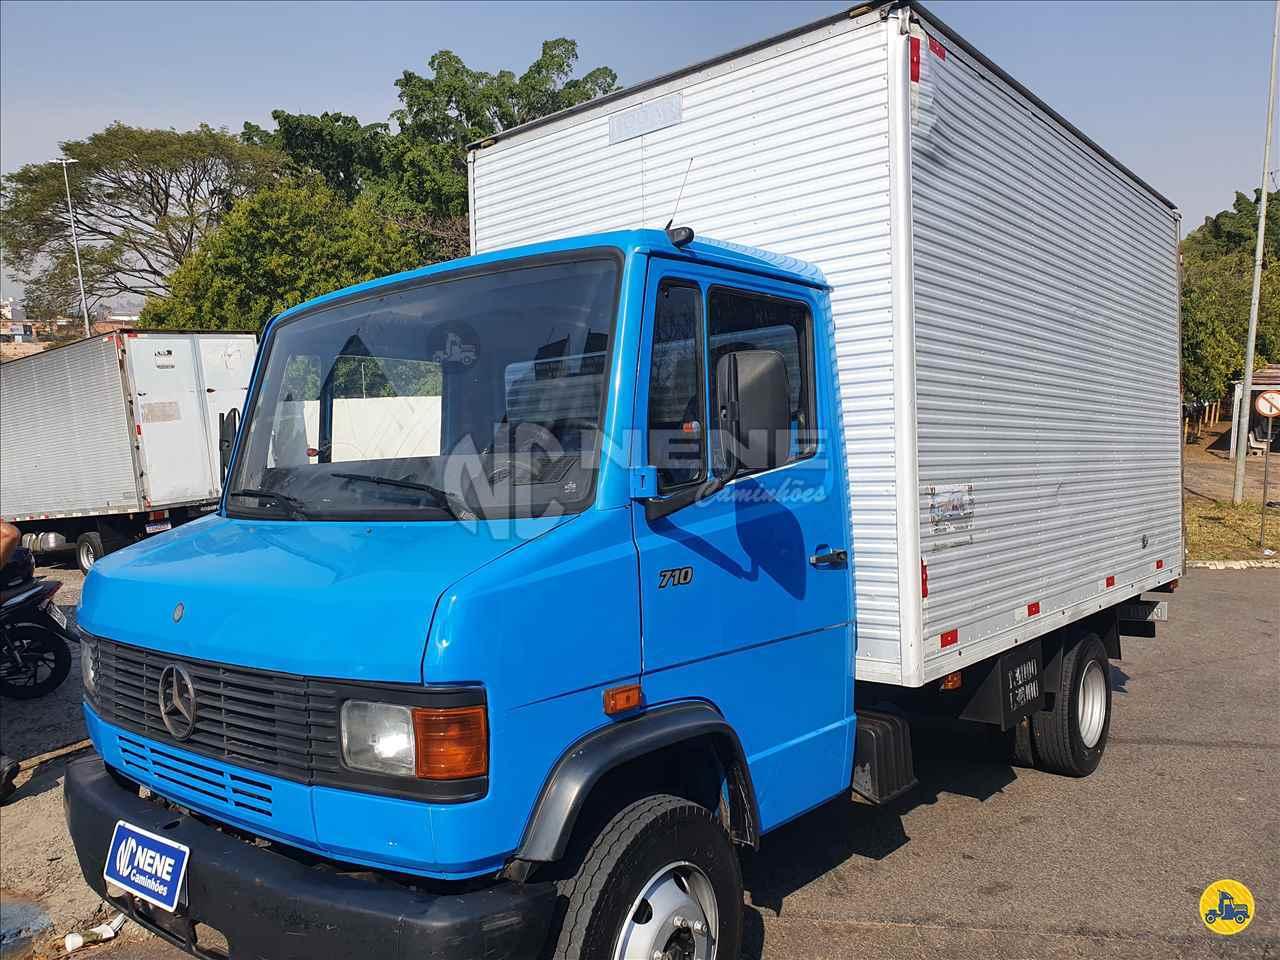 CAMINHAO MERCEDES-BENZ MB 710 Baú Furgão 3/4 4x2 Nene Caminhões SAO JOAO DA BOA VISTA SÃO PAULO SP